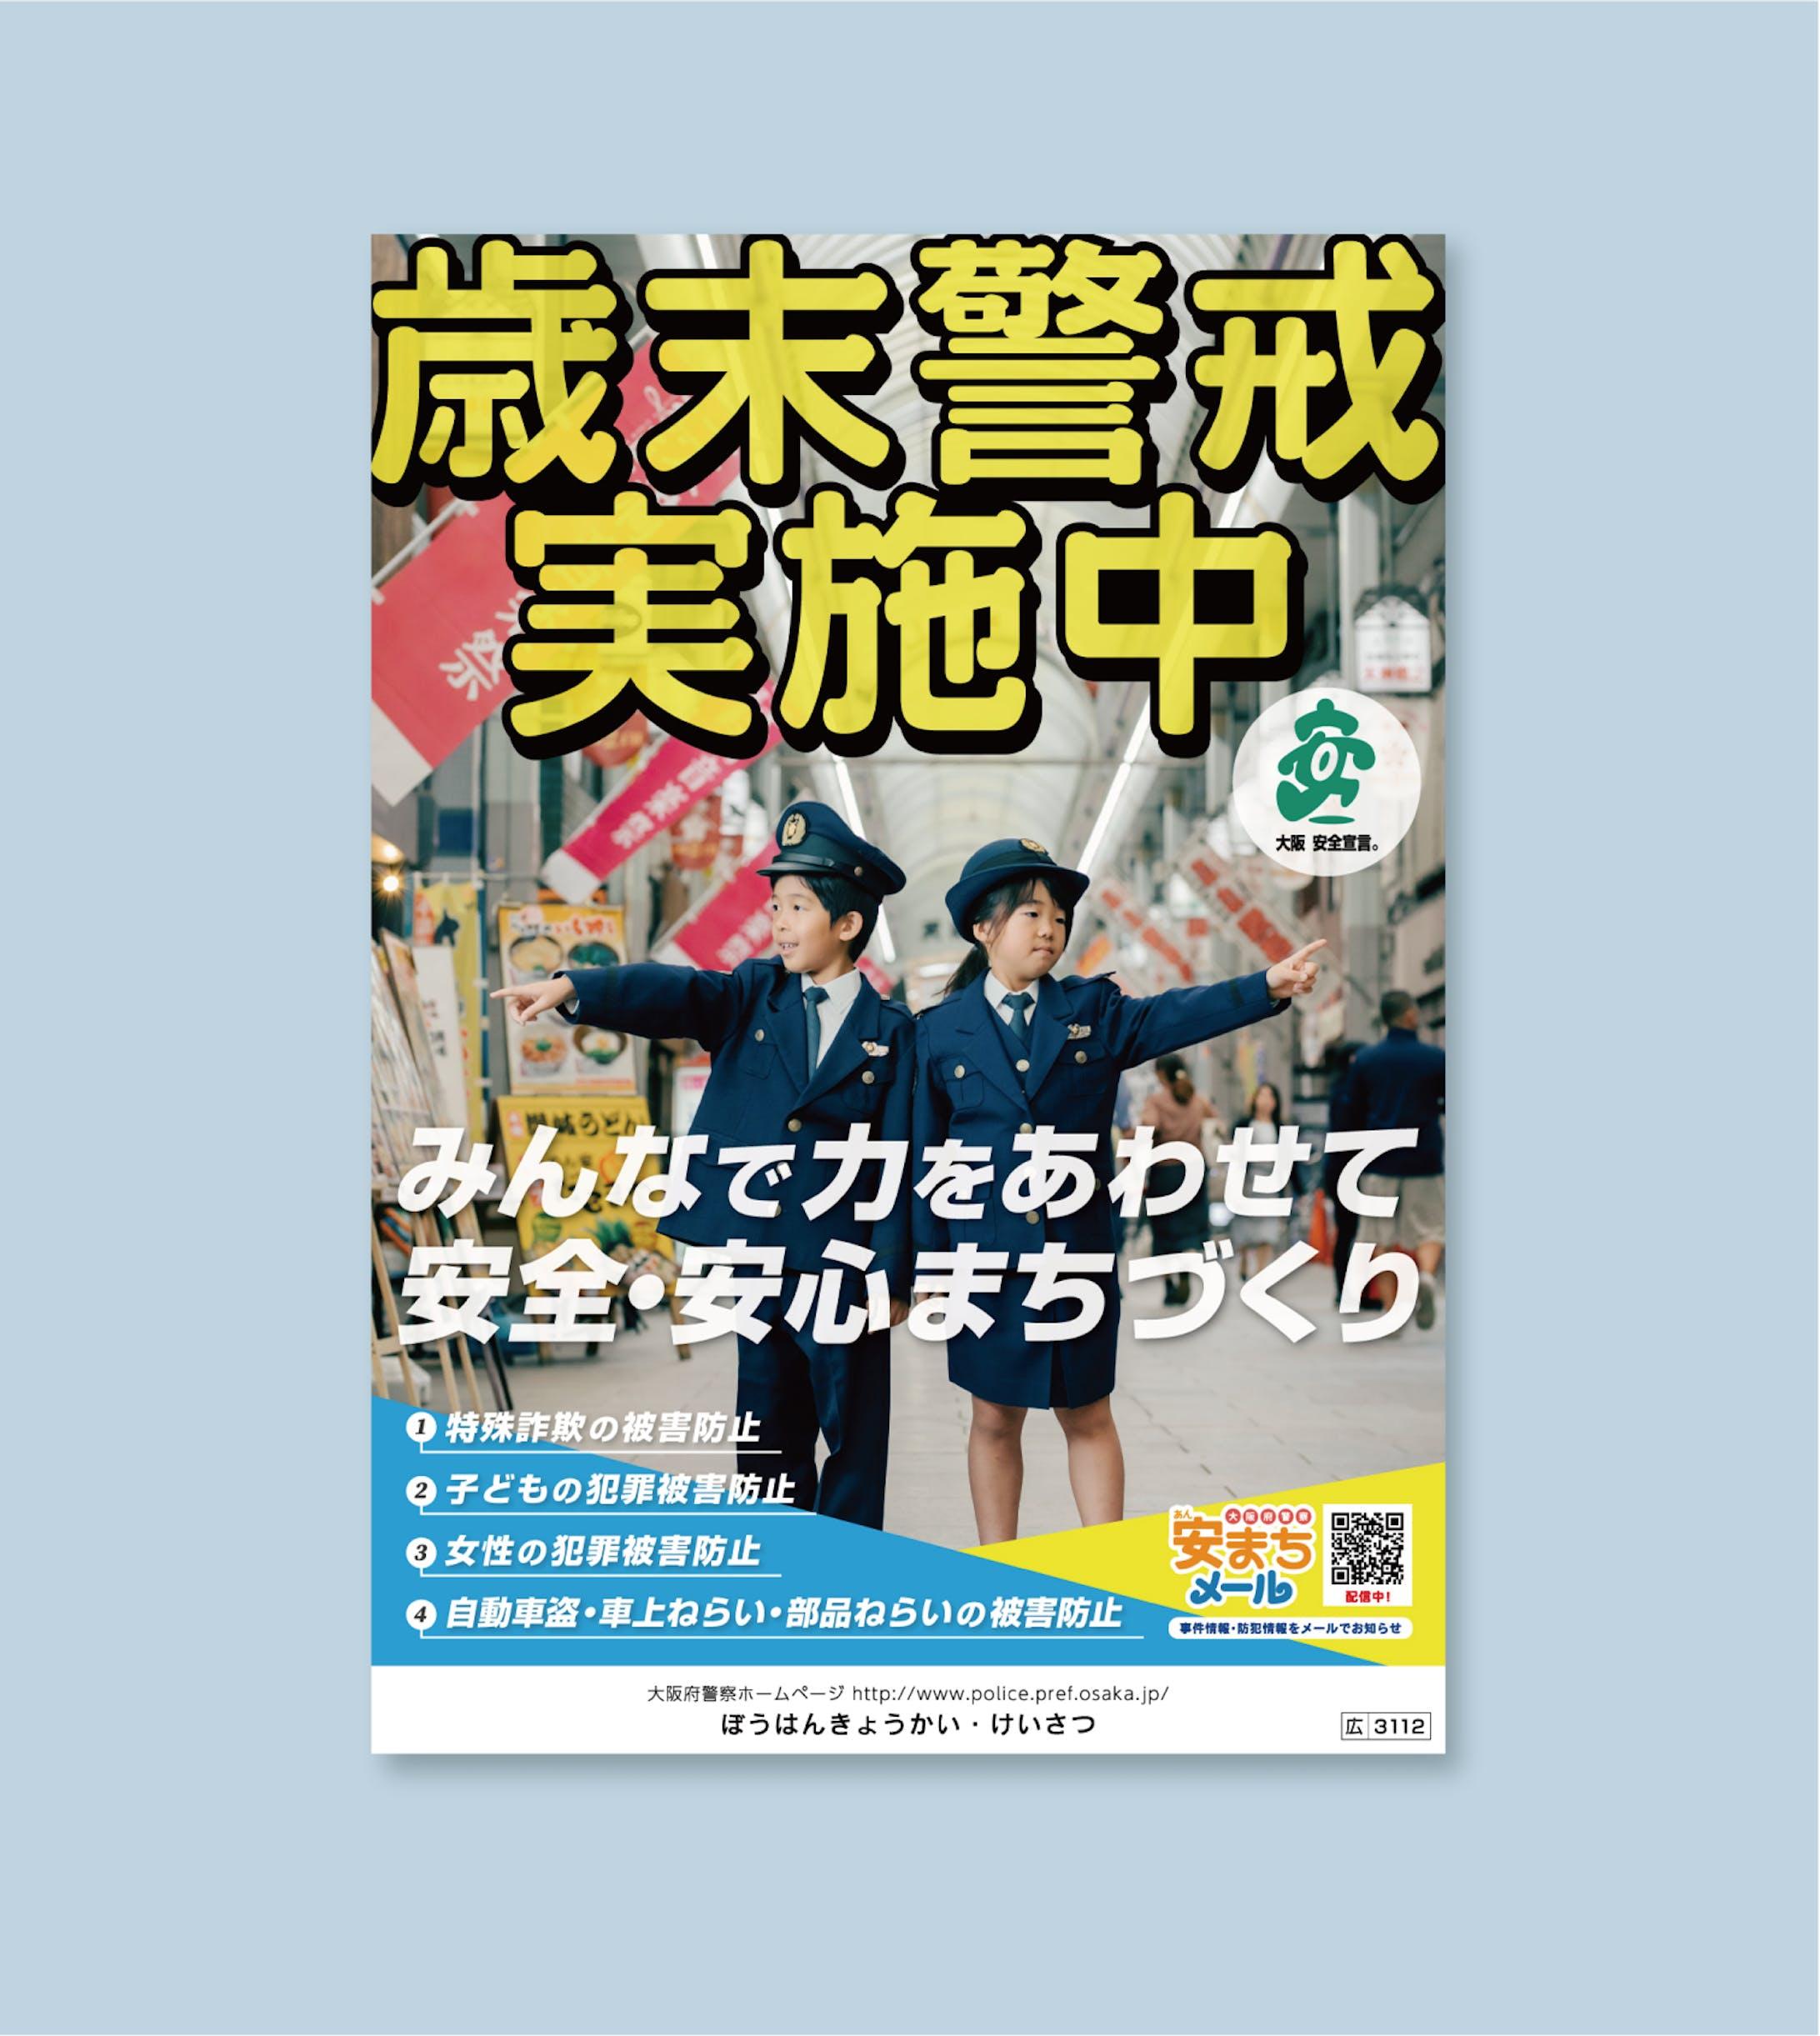 2019年 歳末警戒運動 ポスター-1